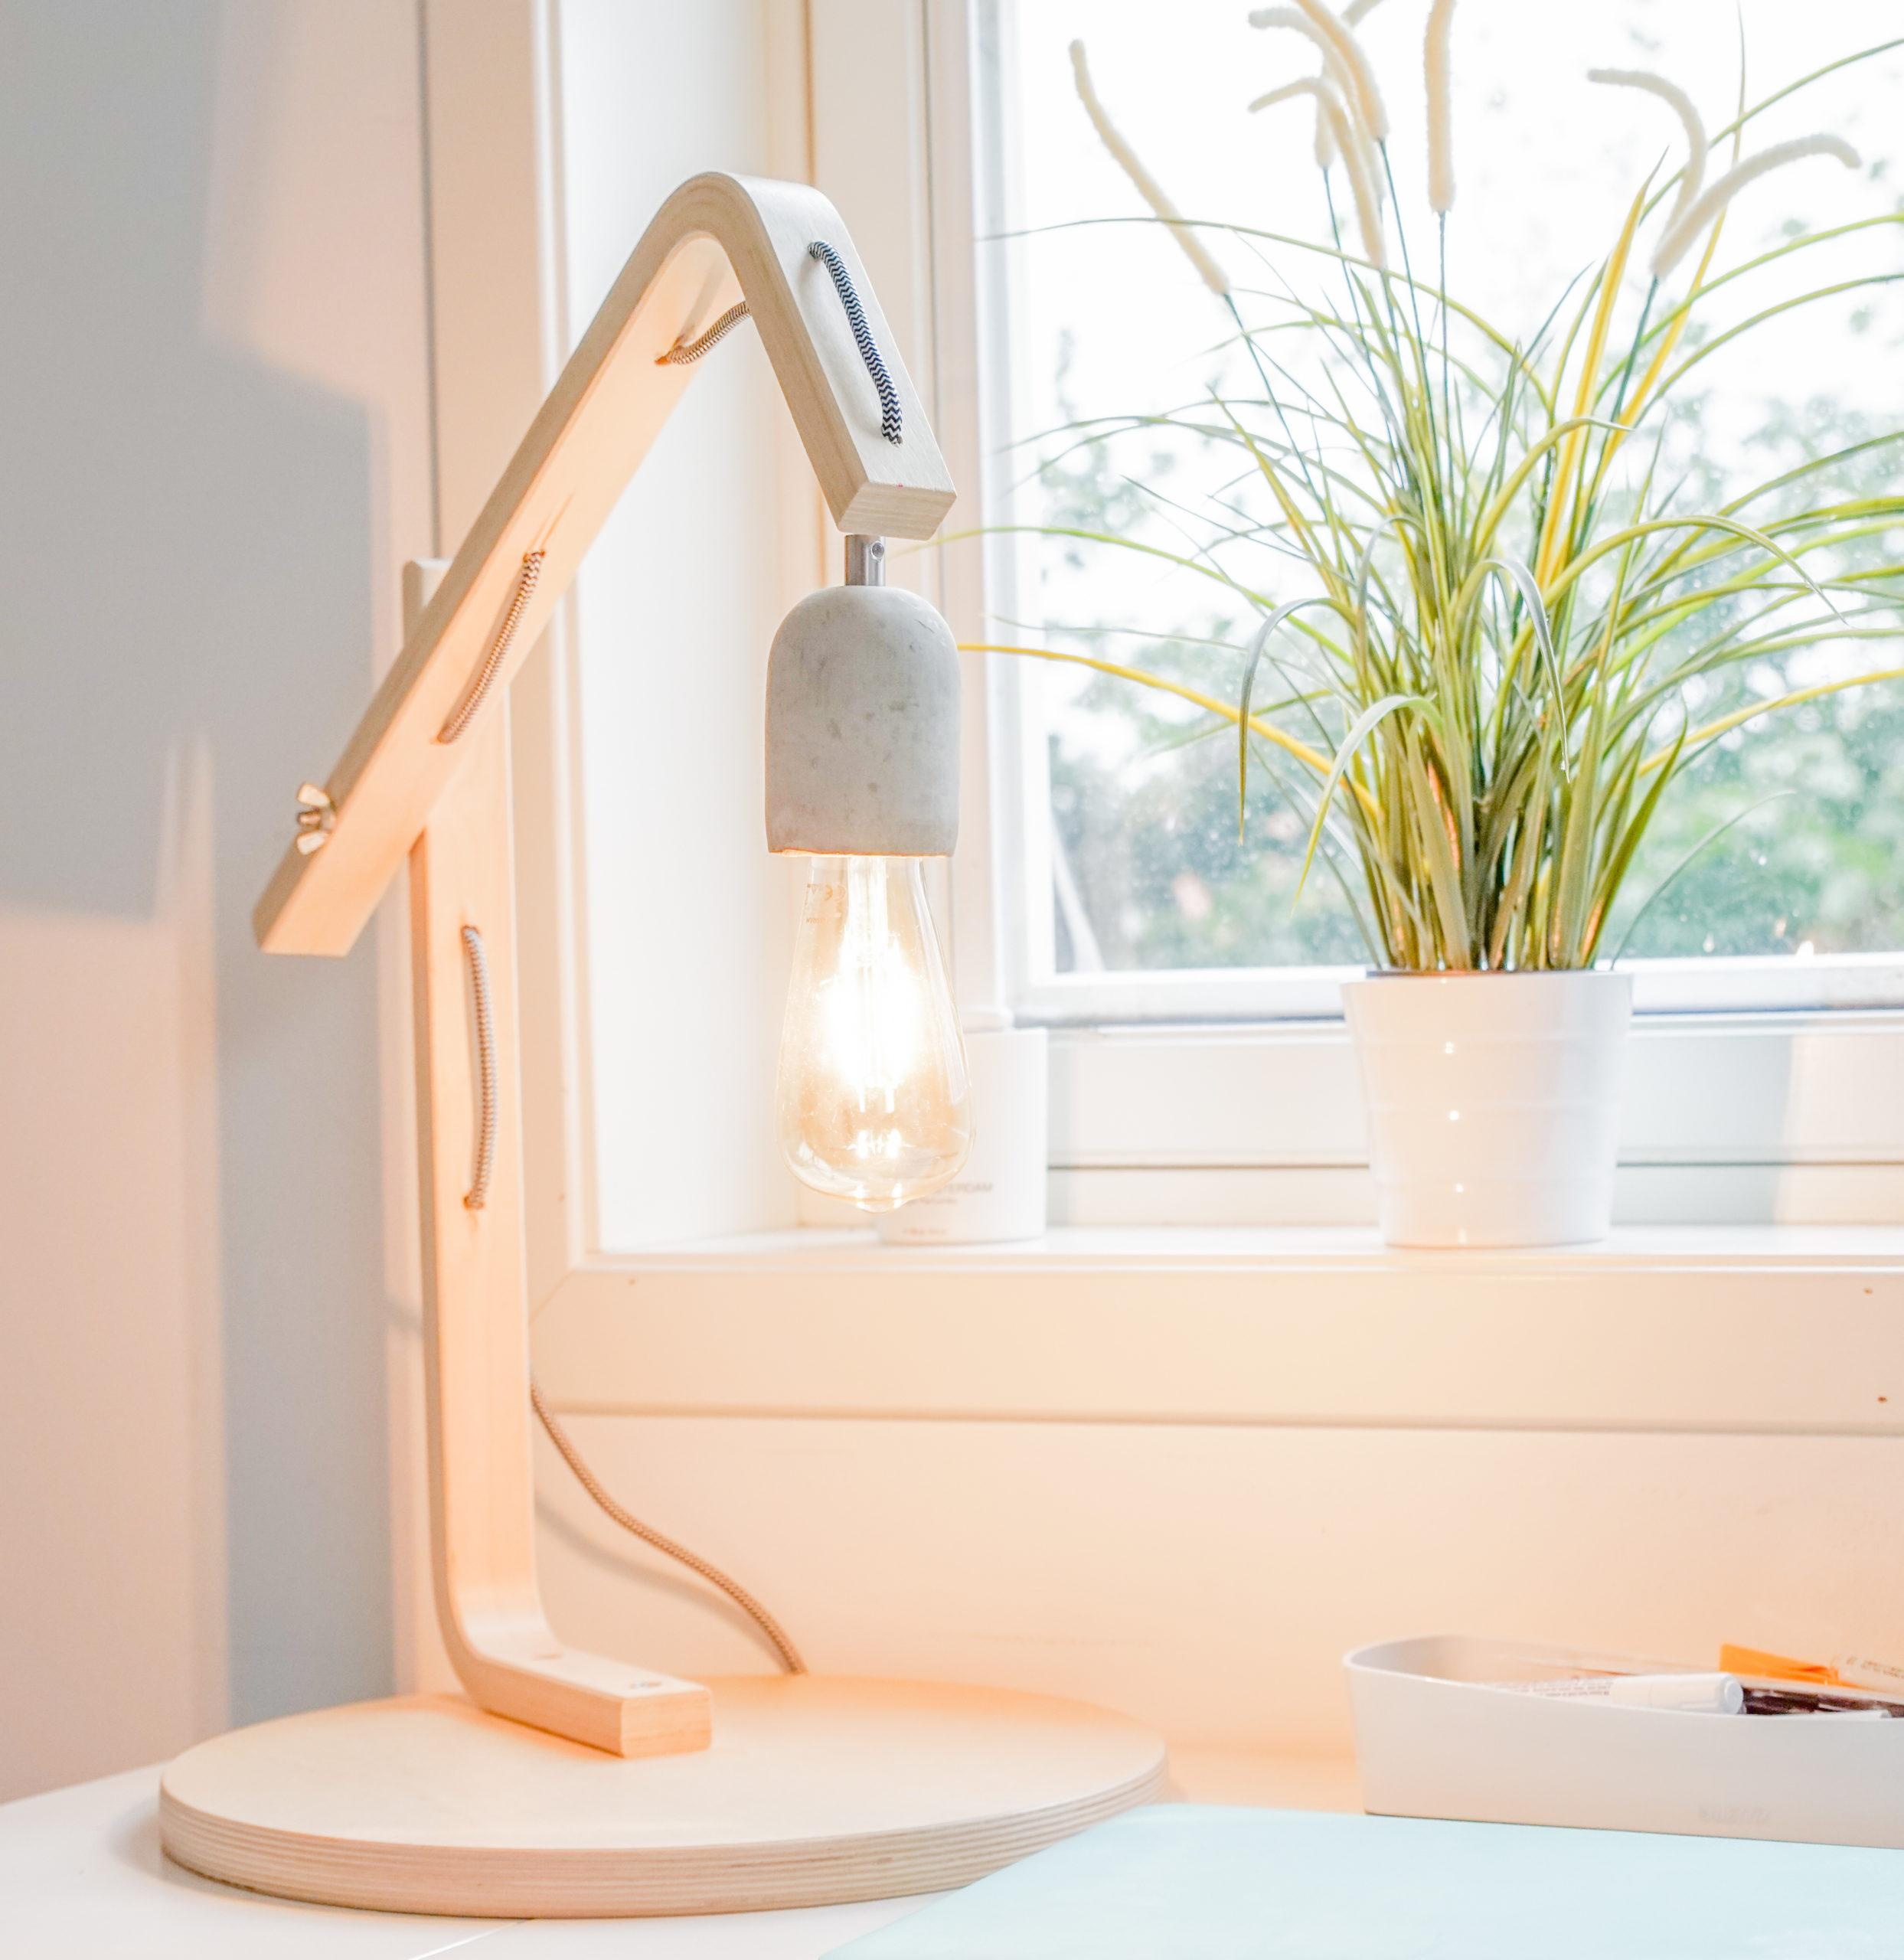 Ikea Hack FROSTA Hocker wird zur Lampe